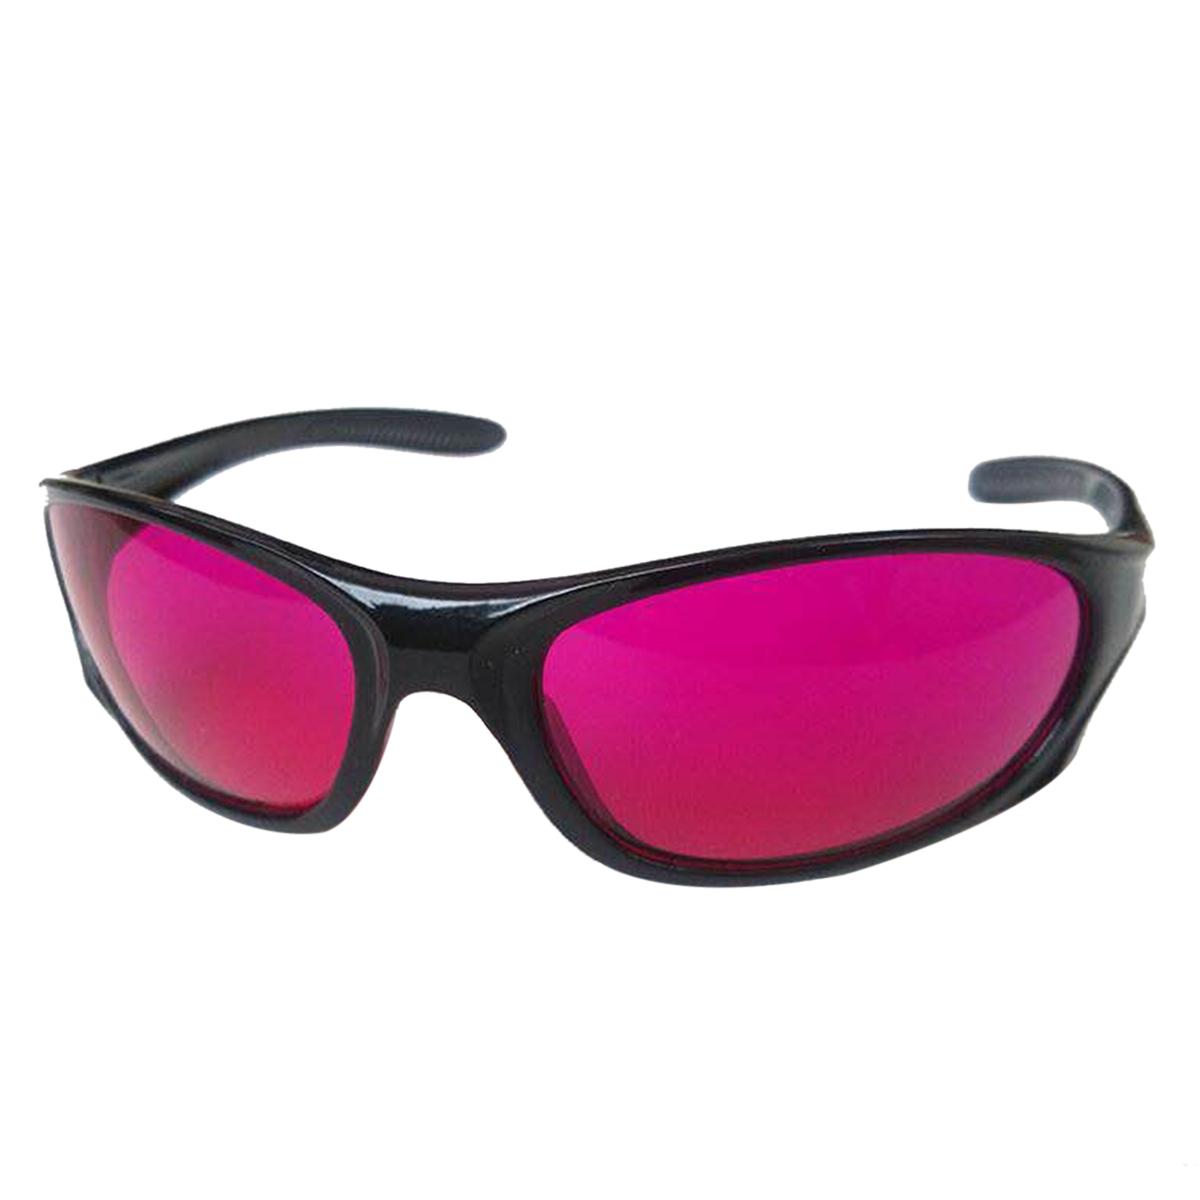 Best Color blindness Corrective Glasses for Red-Green Color Blind Vision Care | eBay